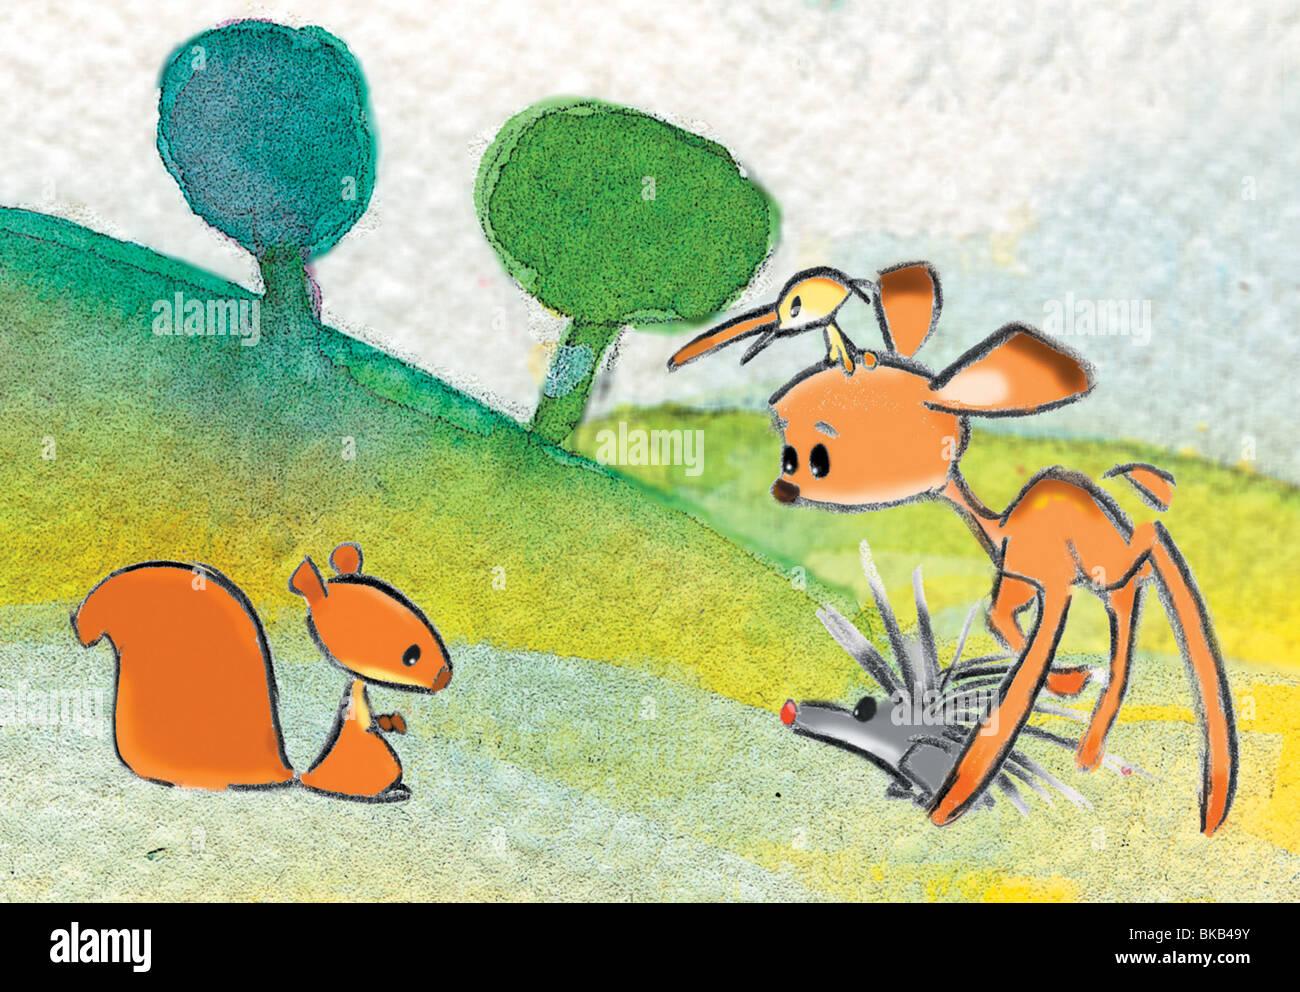 L'Ecureuil qui voyait tout en vert  C'est moi qui l'ai trouvé ! Year : 2002 Director : Behzad Farahat - Stock Image